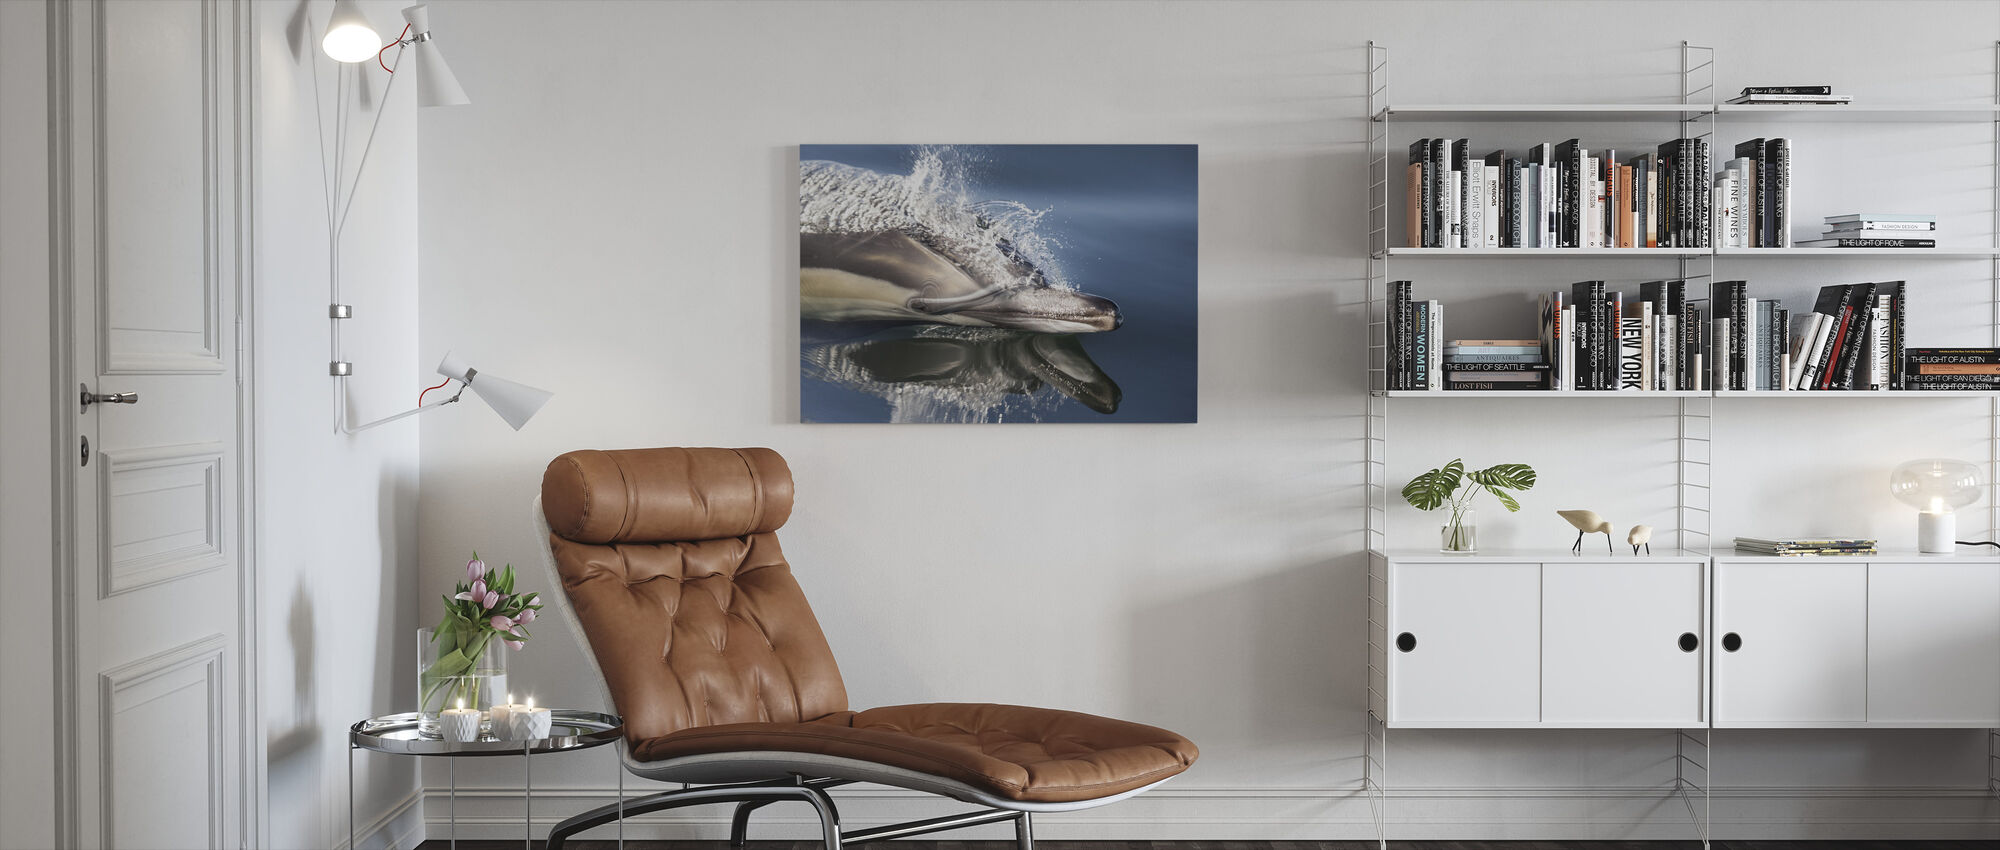 Langbeaked delfin - Lerretsbilde - Stue